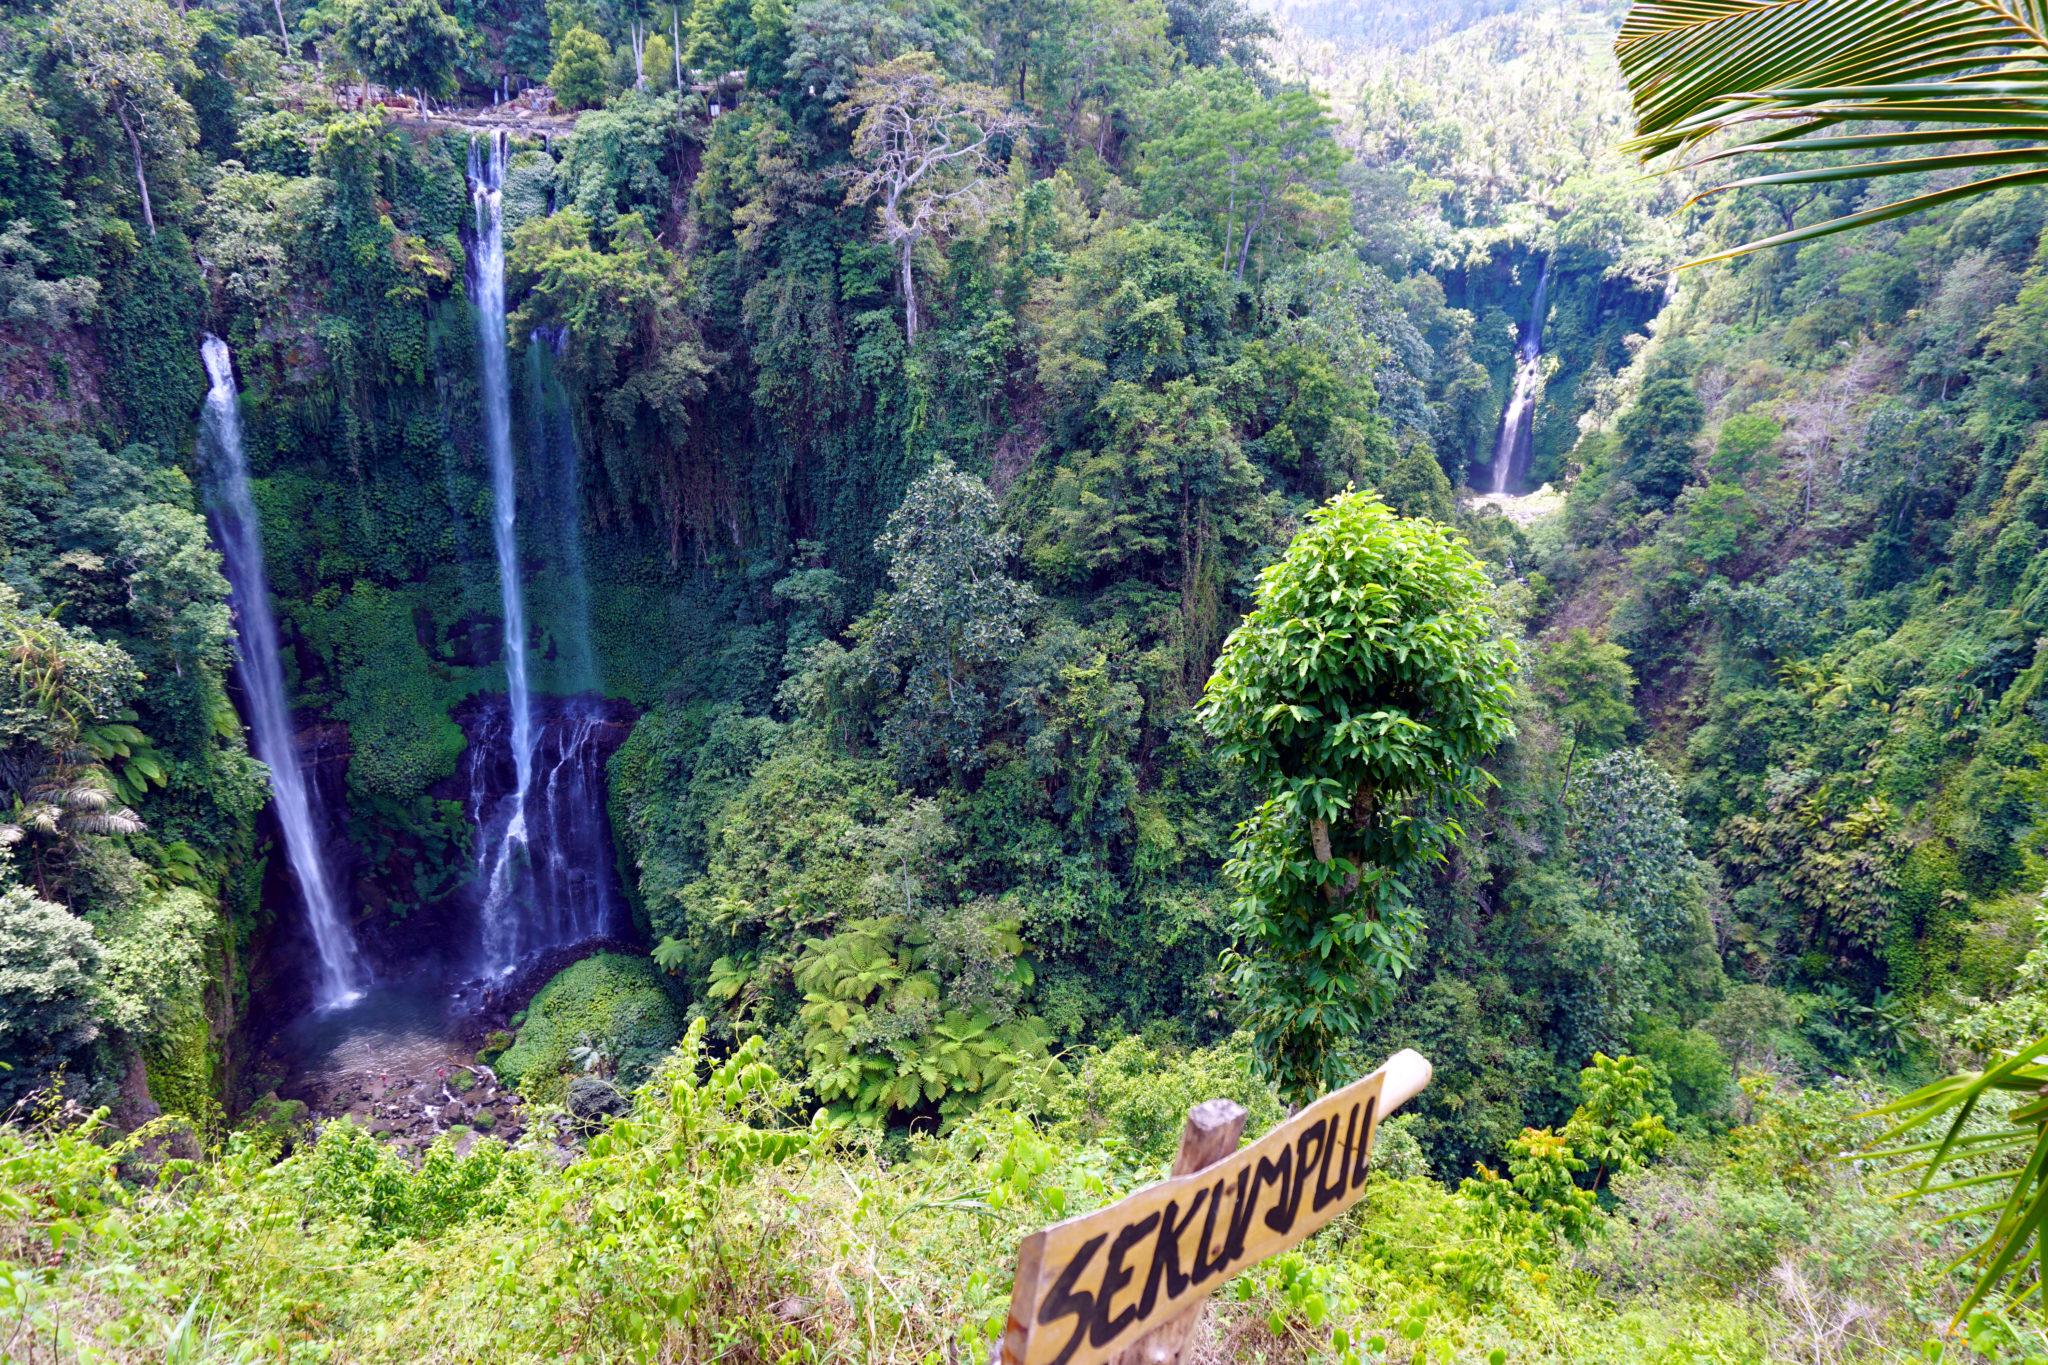 Foto von oben auf den Sekumpul-Wasserfall in Bali.